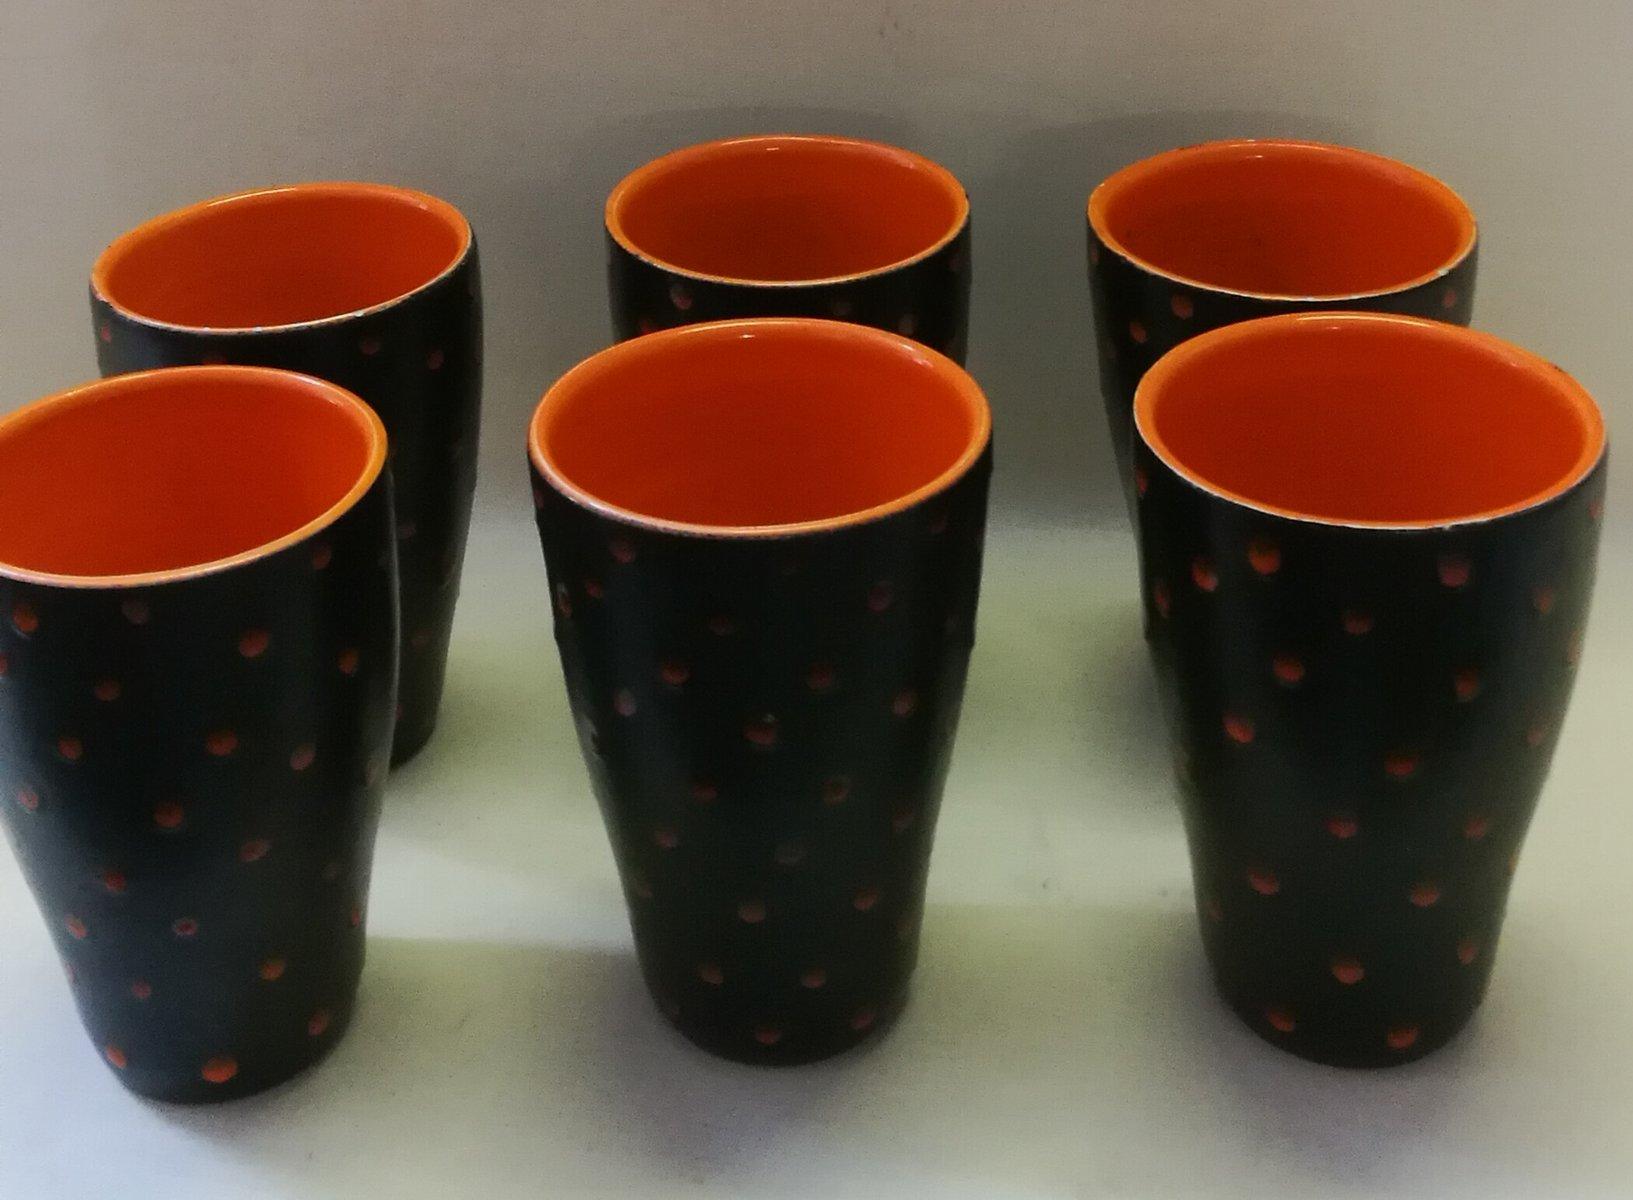 Picone albisola anfora in ceramica con decoro nei toni dell